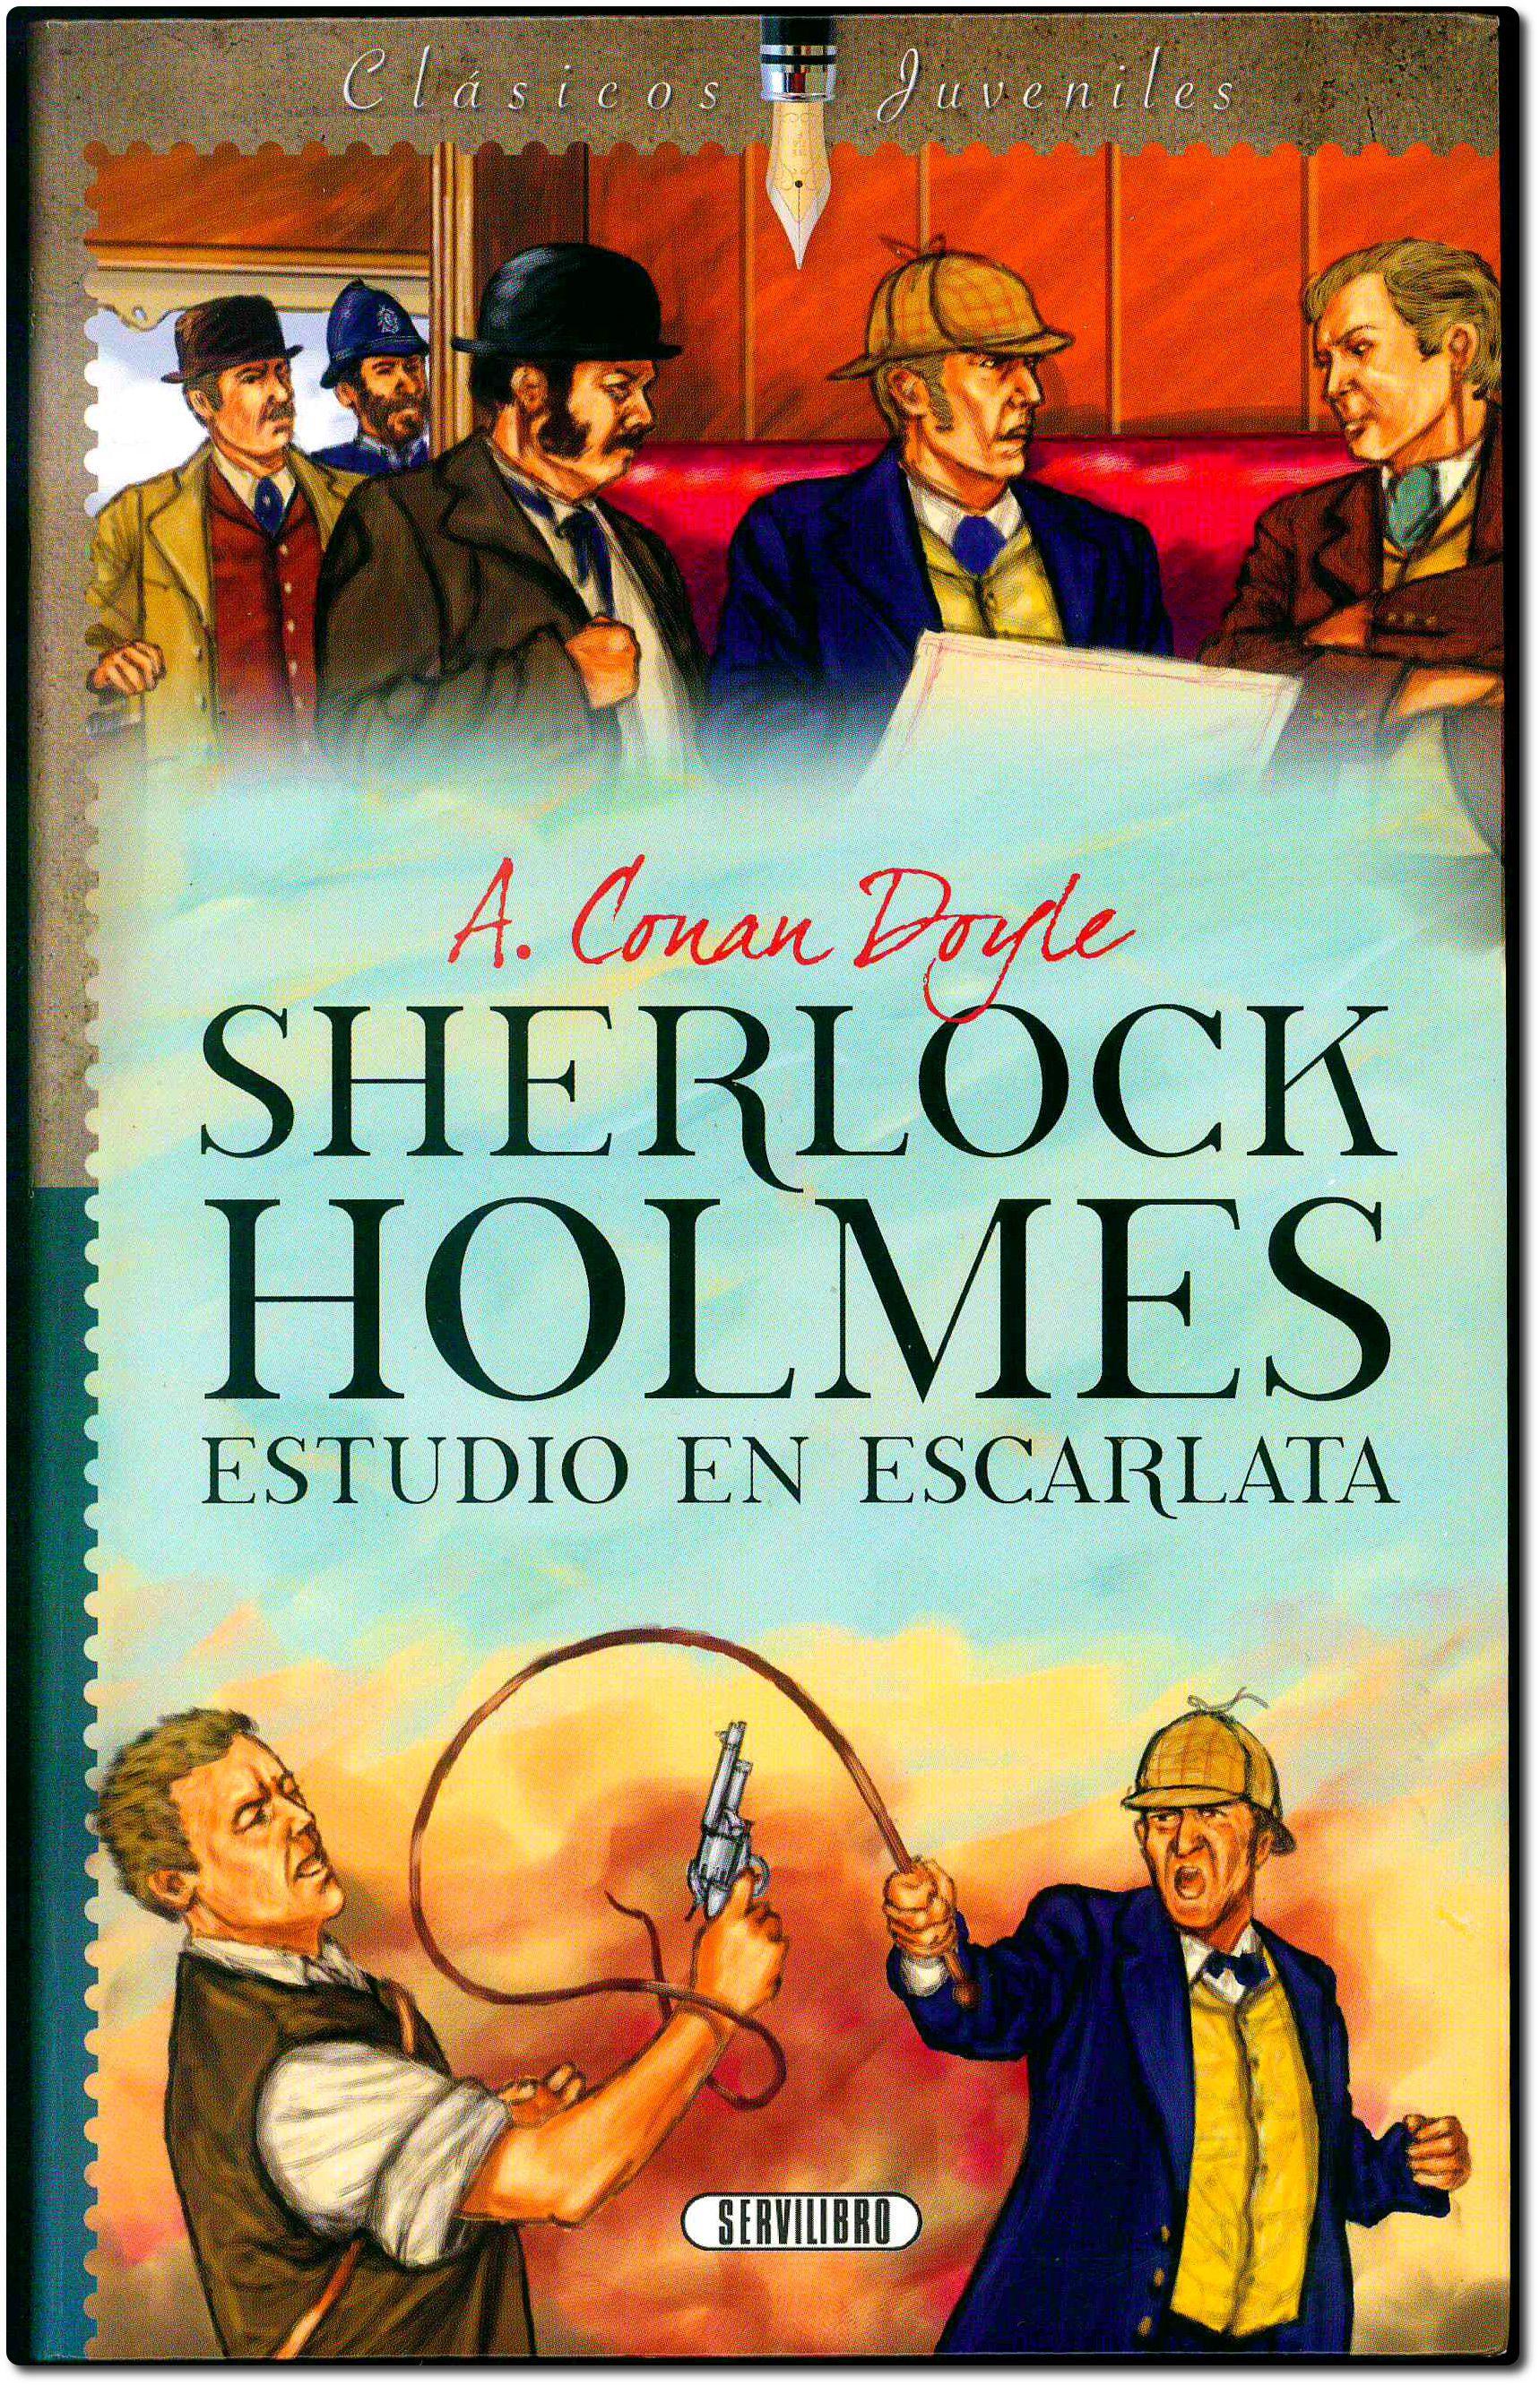 Sherlock Holmes Estudio En Escarlata A Conan Doyle Ilustraciones Sáez Sevilibro 2012 Sherlock Holmes Sherlock Libros